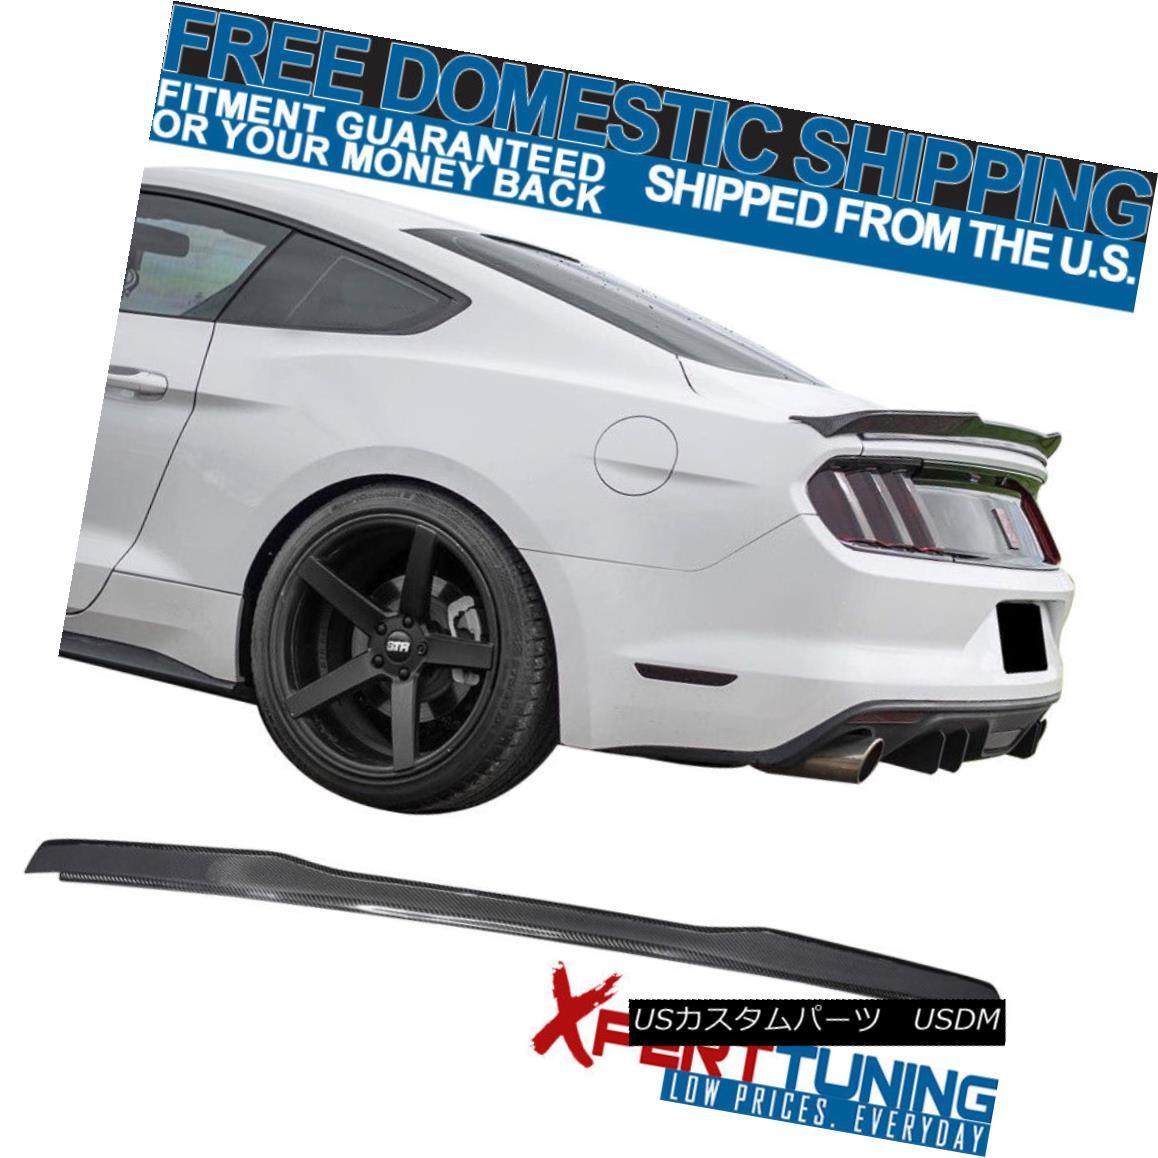 エアロパーツ Fits 15-18 Ford Mustang H Style High Kick V Trunk Spoiler - Carbon Fiber フィット15-18フォードマスタングHスタイルハイキックVトランクスポイラー - 炭素繊維